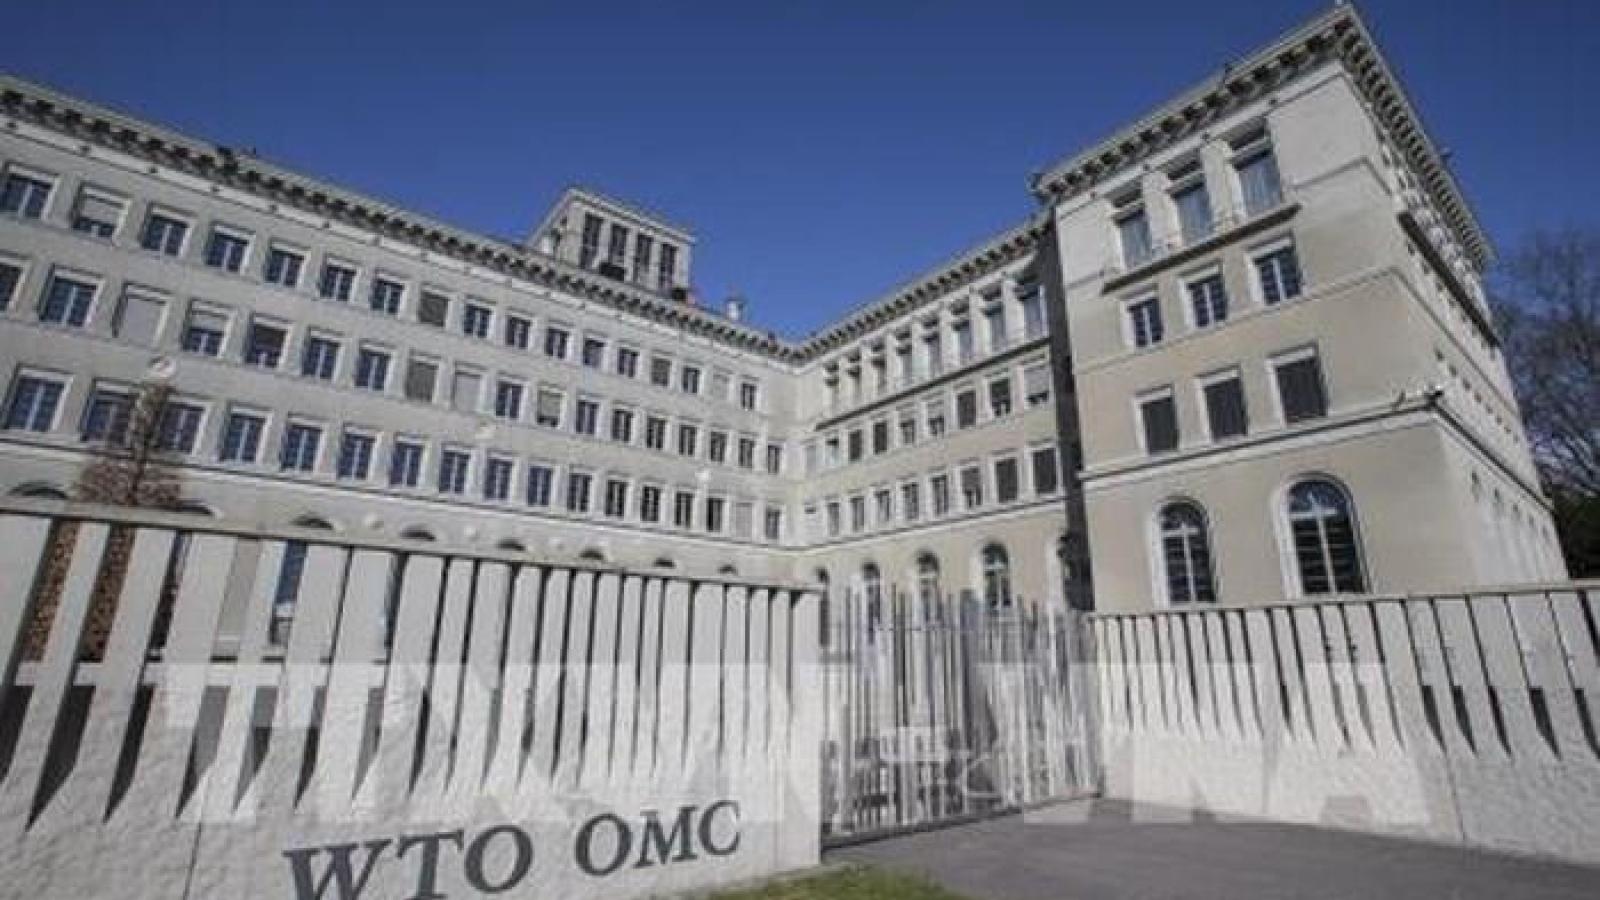 Cuộc đua vị trí Tổng giám đốc WTO chính thức bắt đầu